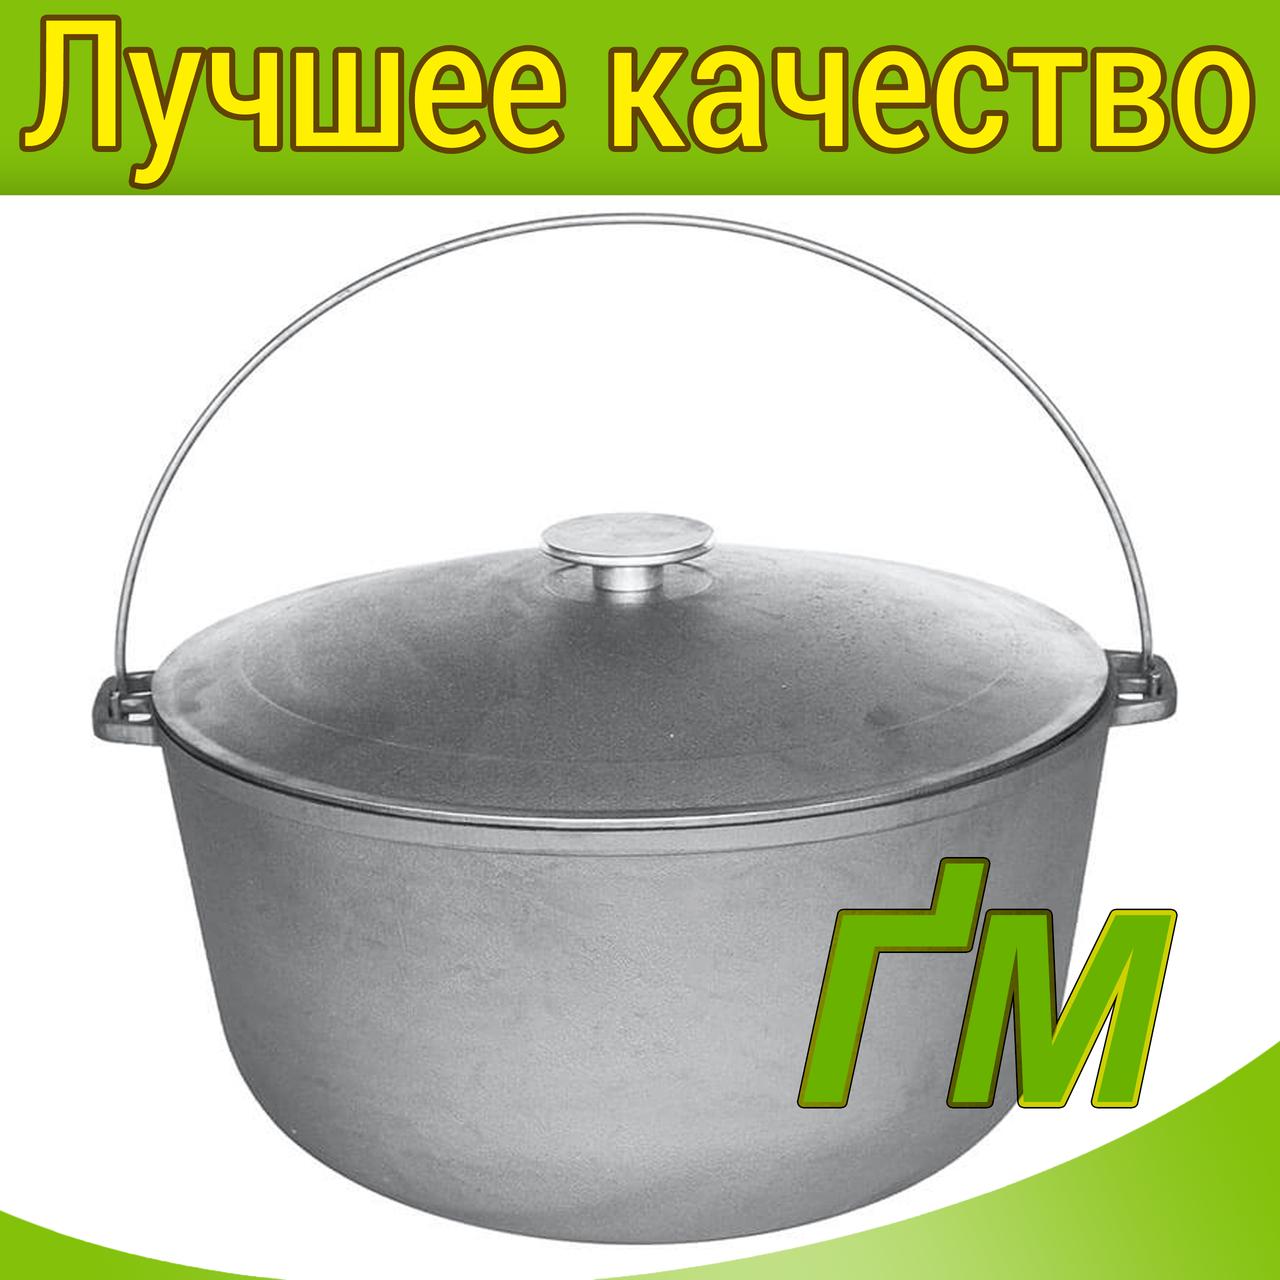 Казан туристический чугунный с дужкой и крышкой, объем 15 л.